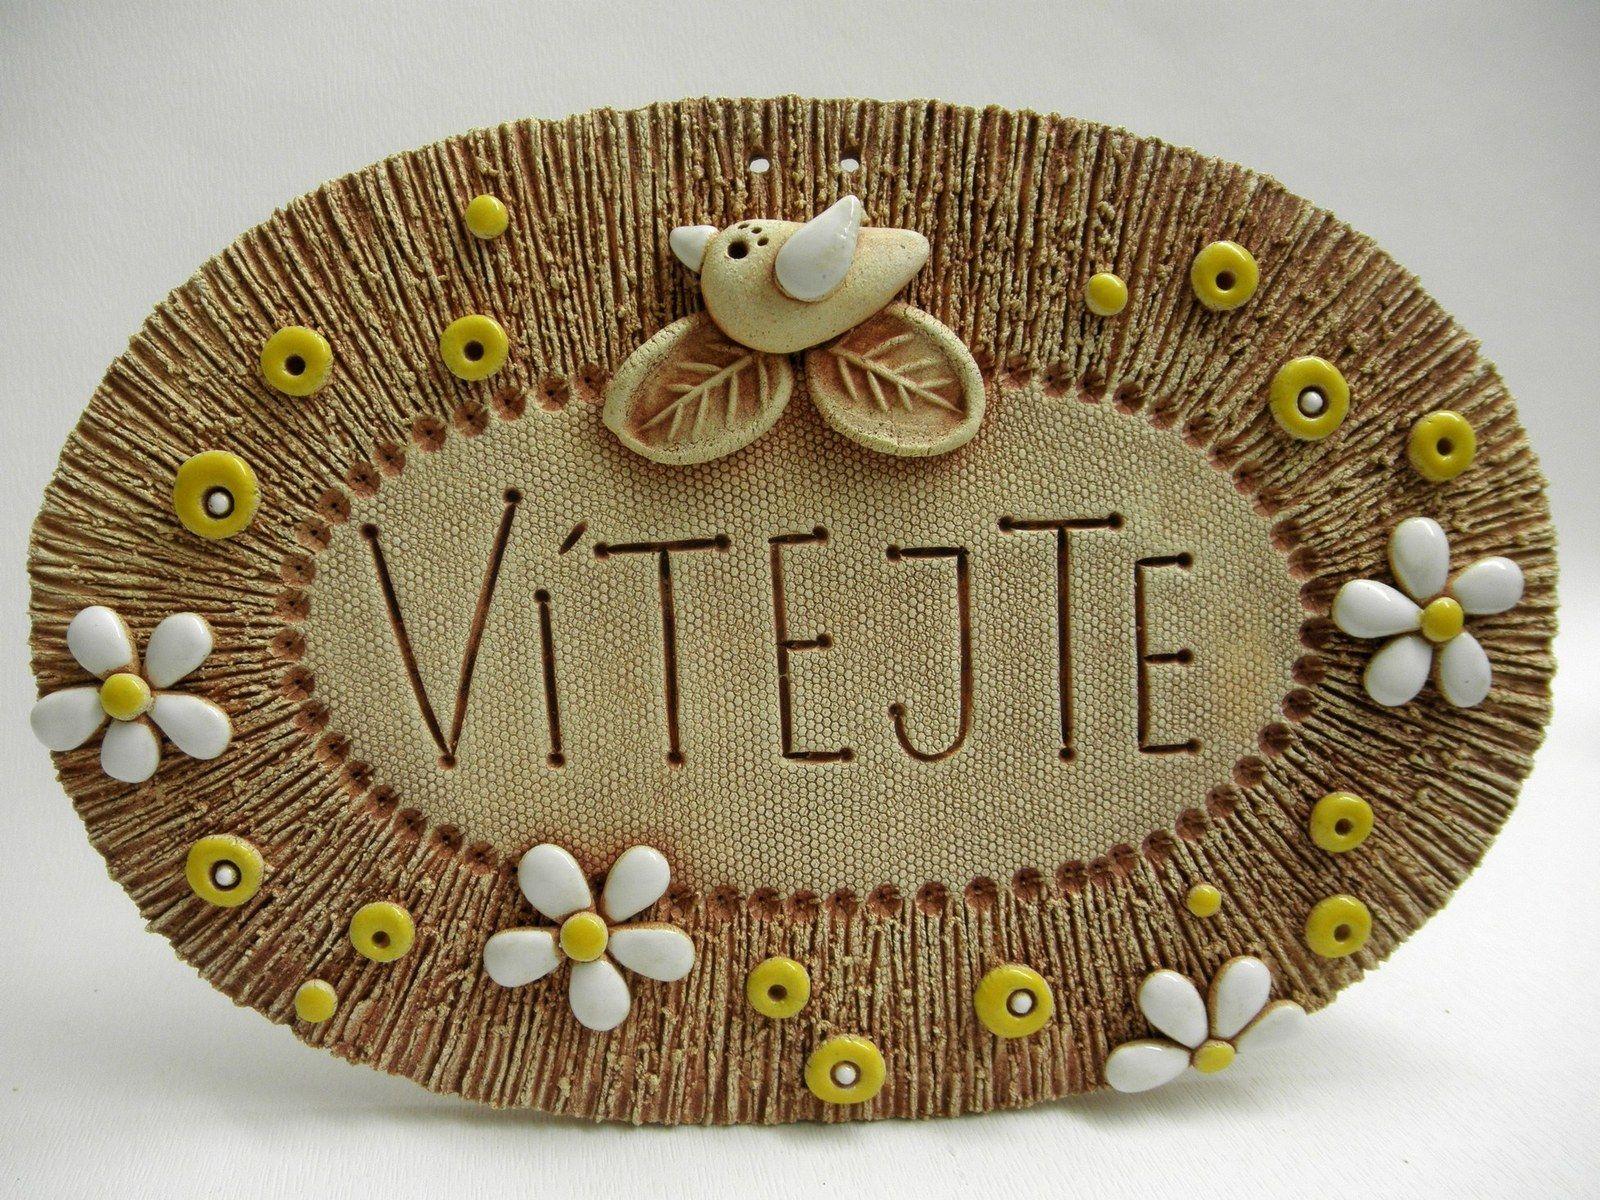 Vítejte Ze šamotové hlíny, k zavěšení. Vhodné k celoroční venkovní dekoraci. Velikost 15 x 22,5 cm (vxš)